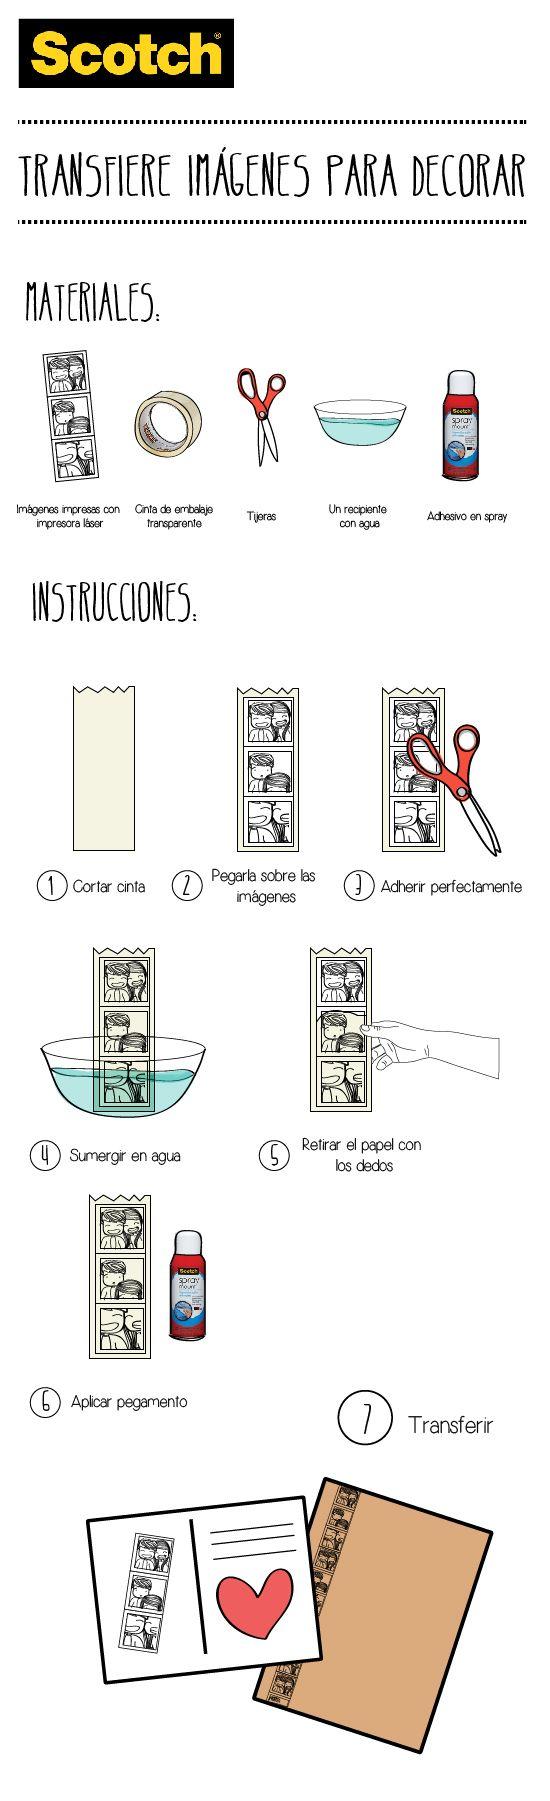 Ideas, Manualidades y Scrapbooking: Transfiere fotos con cinta adhesiva Scotch®…